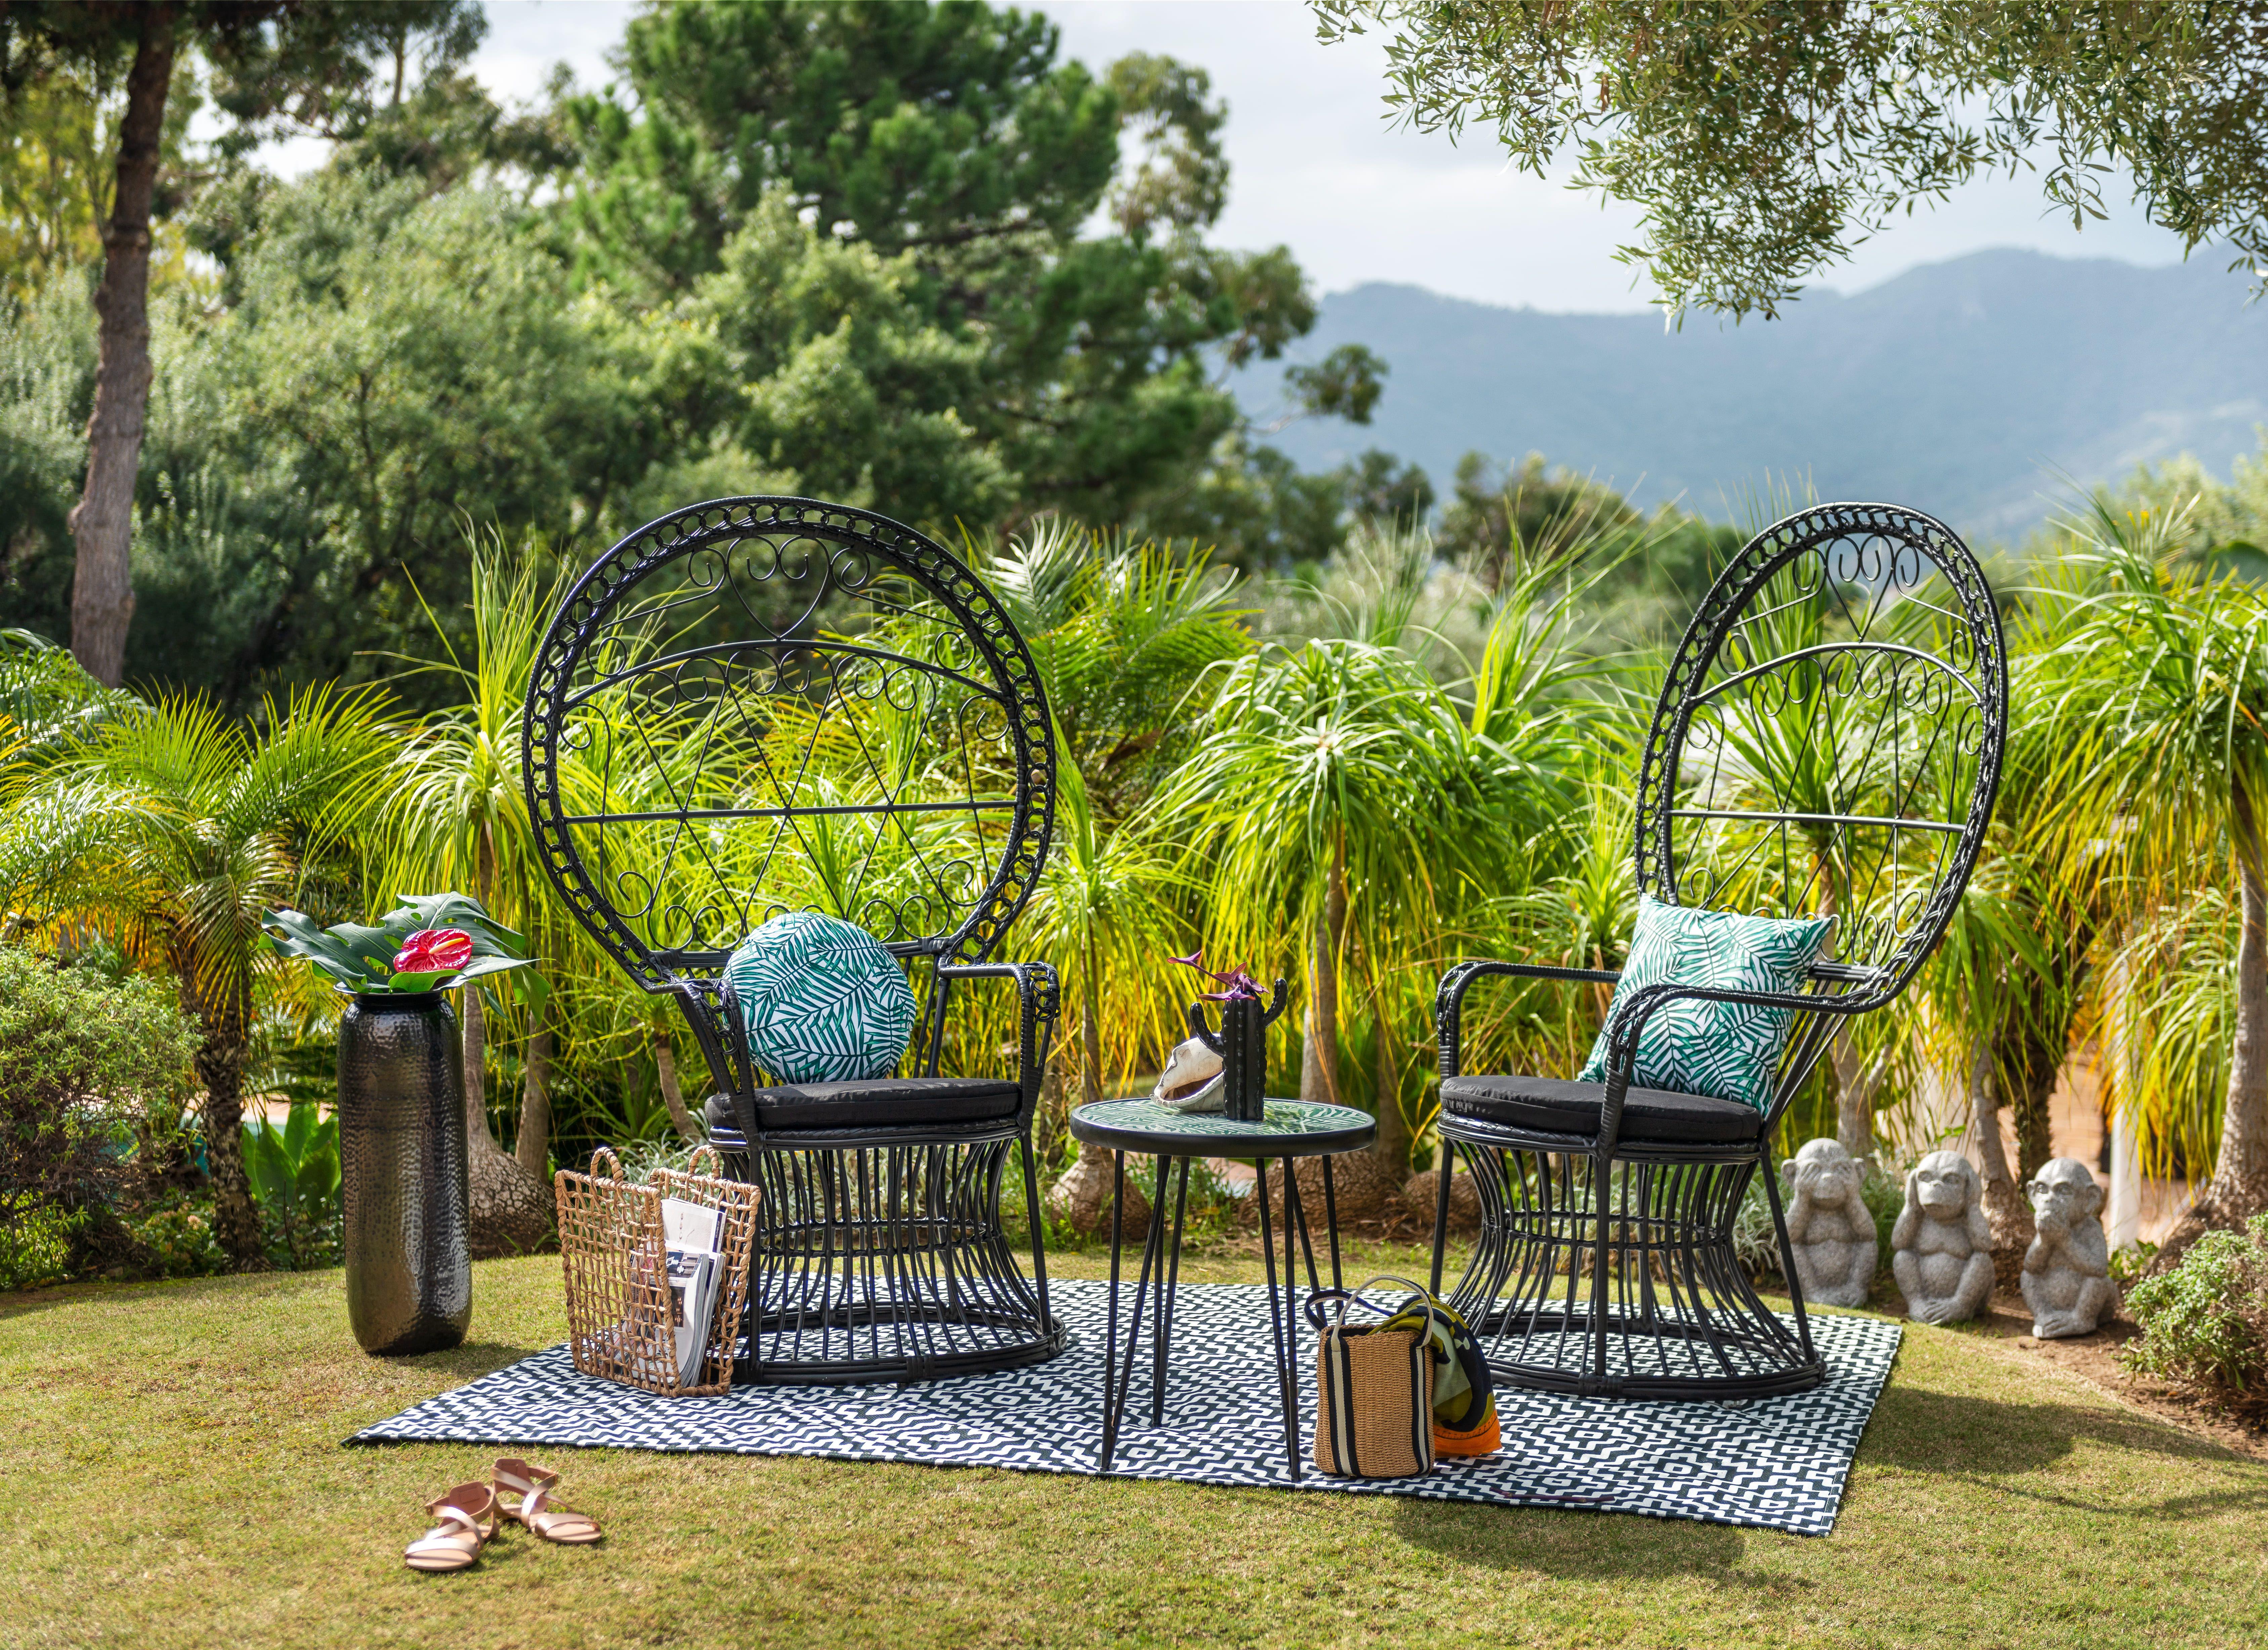 Transat Fauteuil Et Hamac Decoration Jardin Deco Jardin